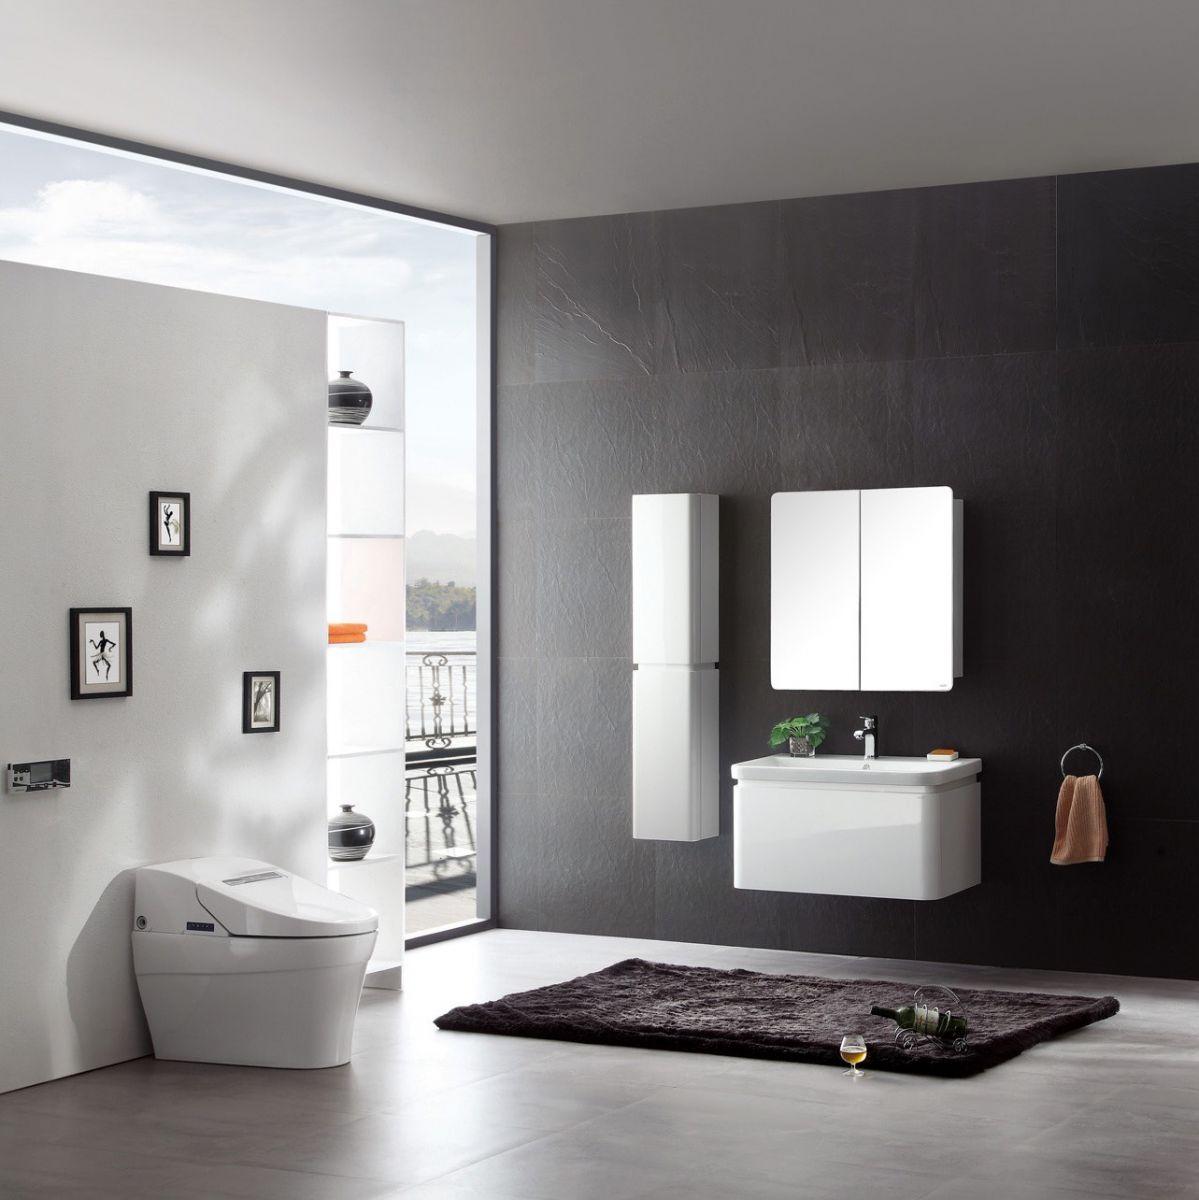 Mẫu tủ lavabo Empolo đang được ưa chuộng